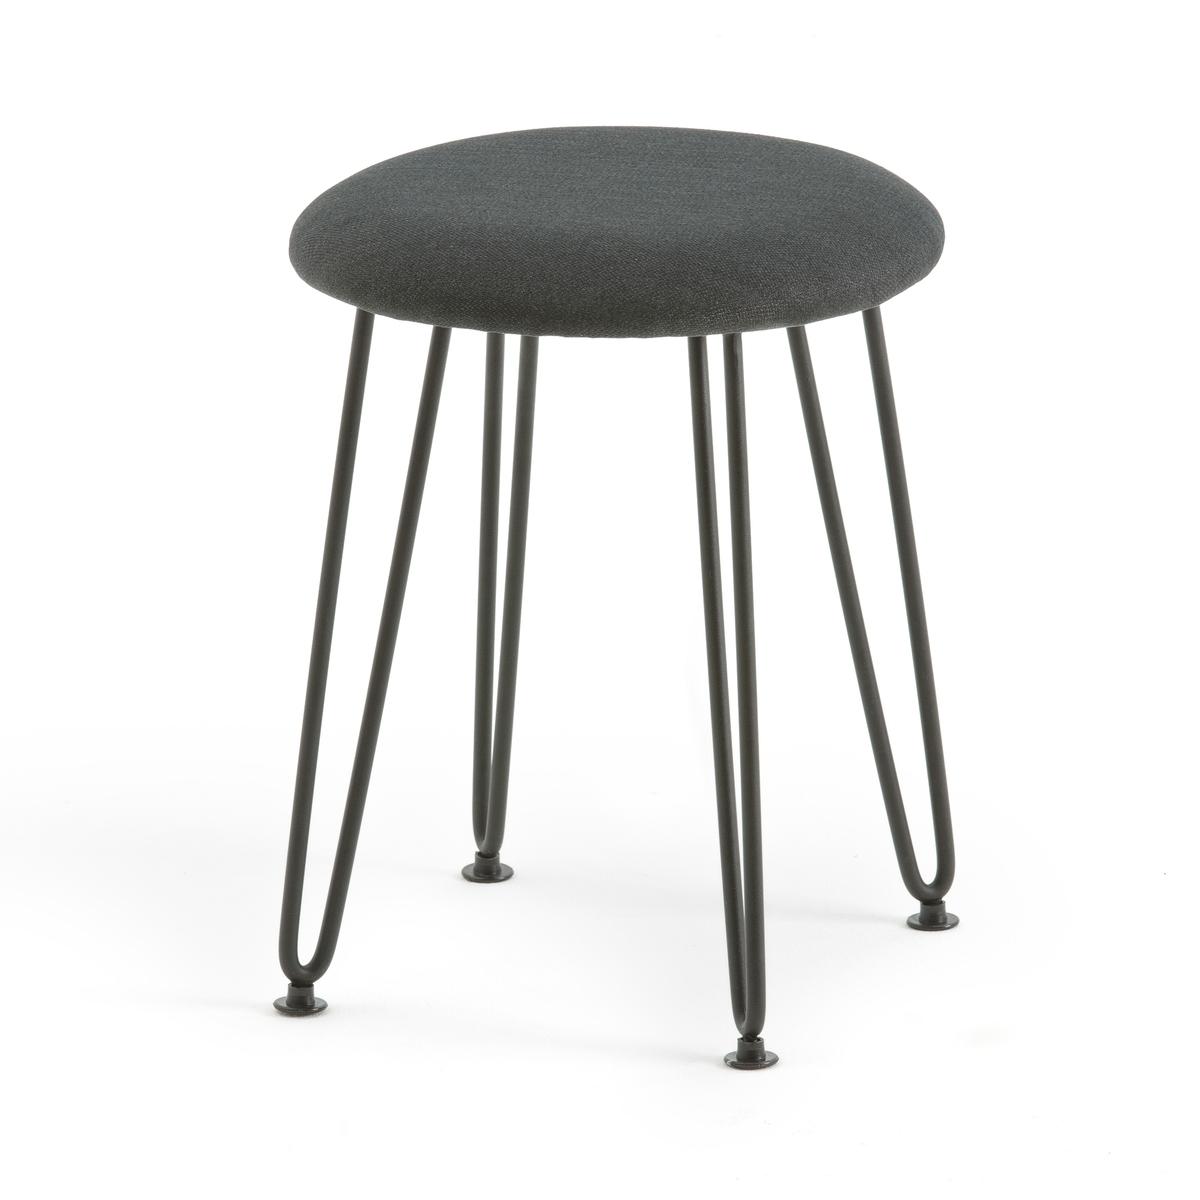 Табурет La Redoute В индустриальном стиле Watford единый размер серый стула la redoute барных watford единый размер каштановый